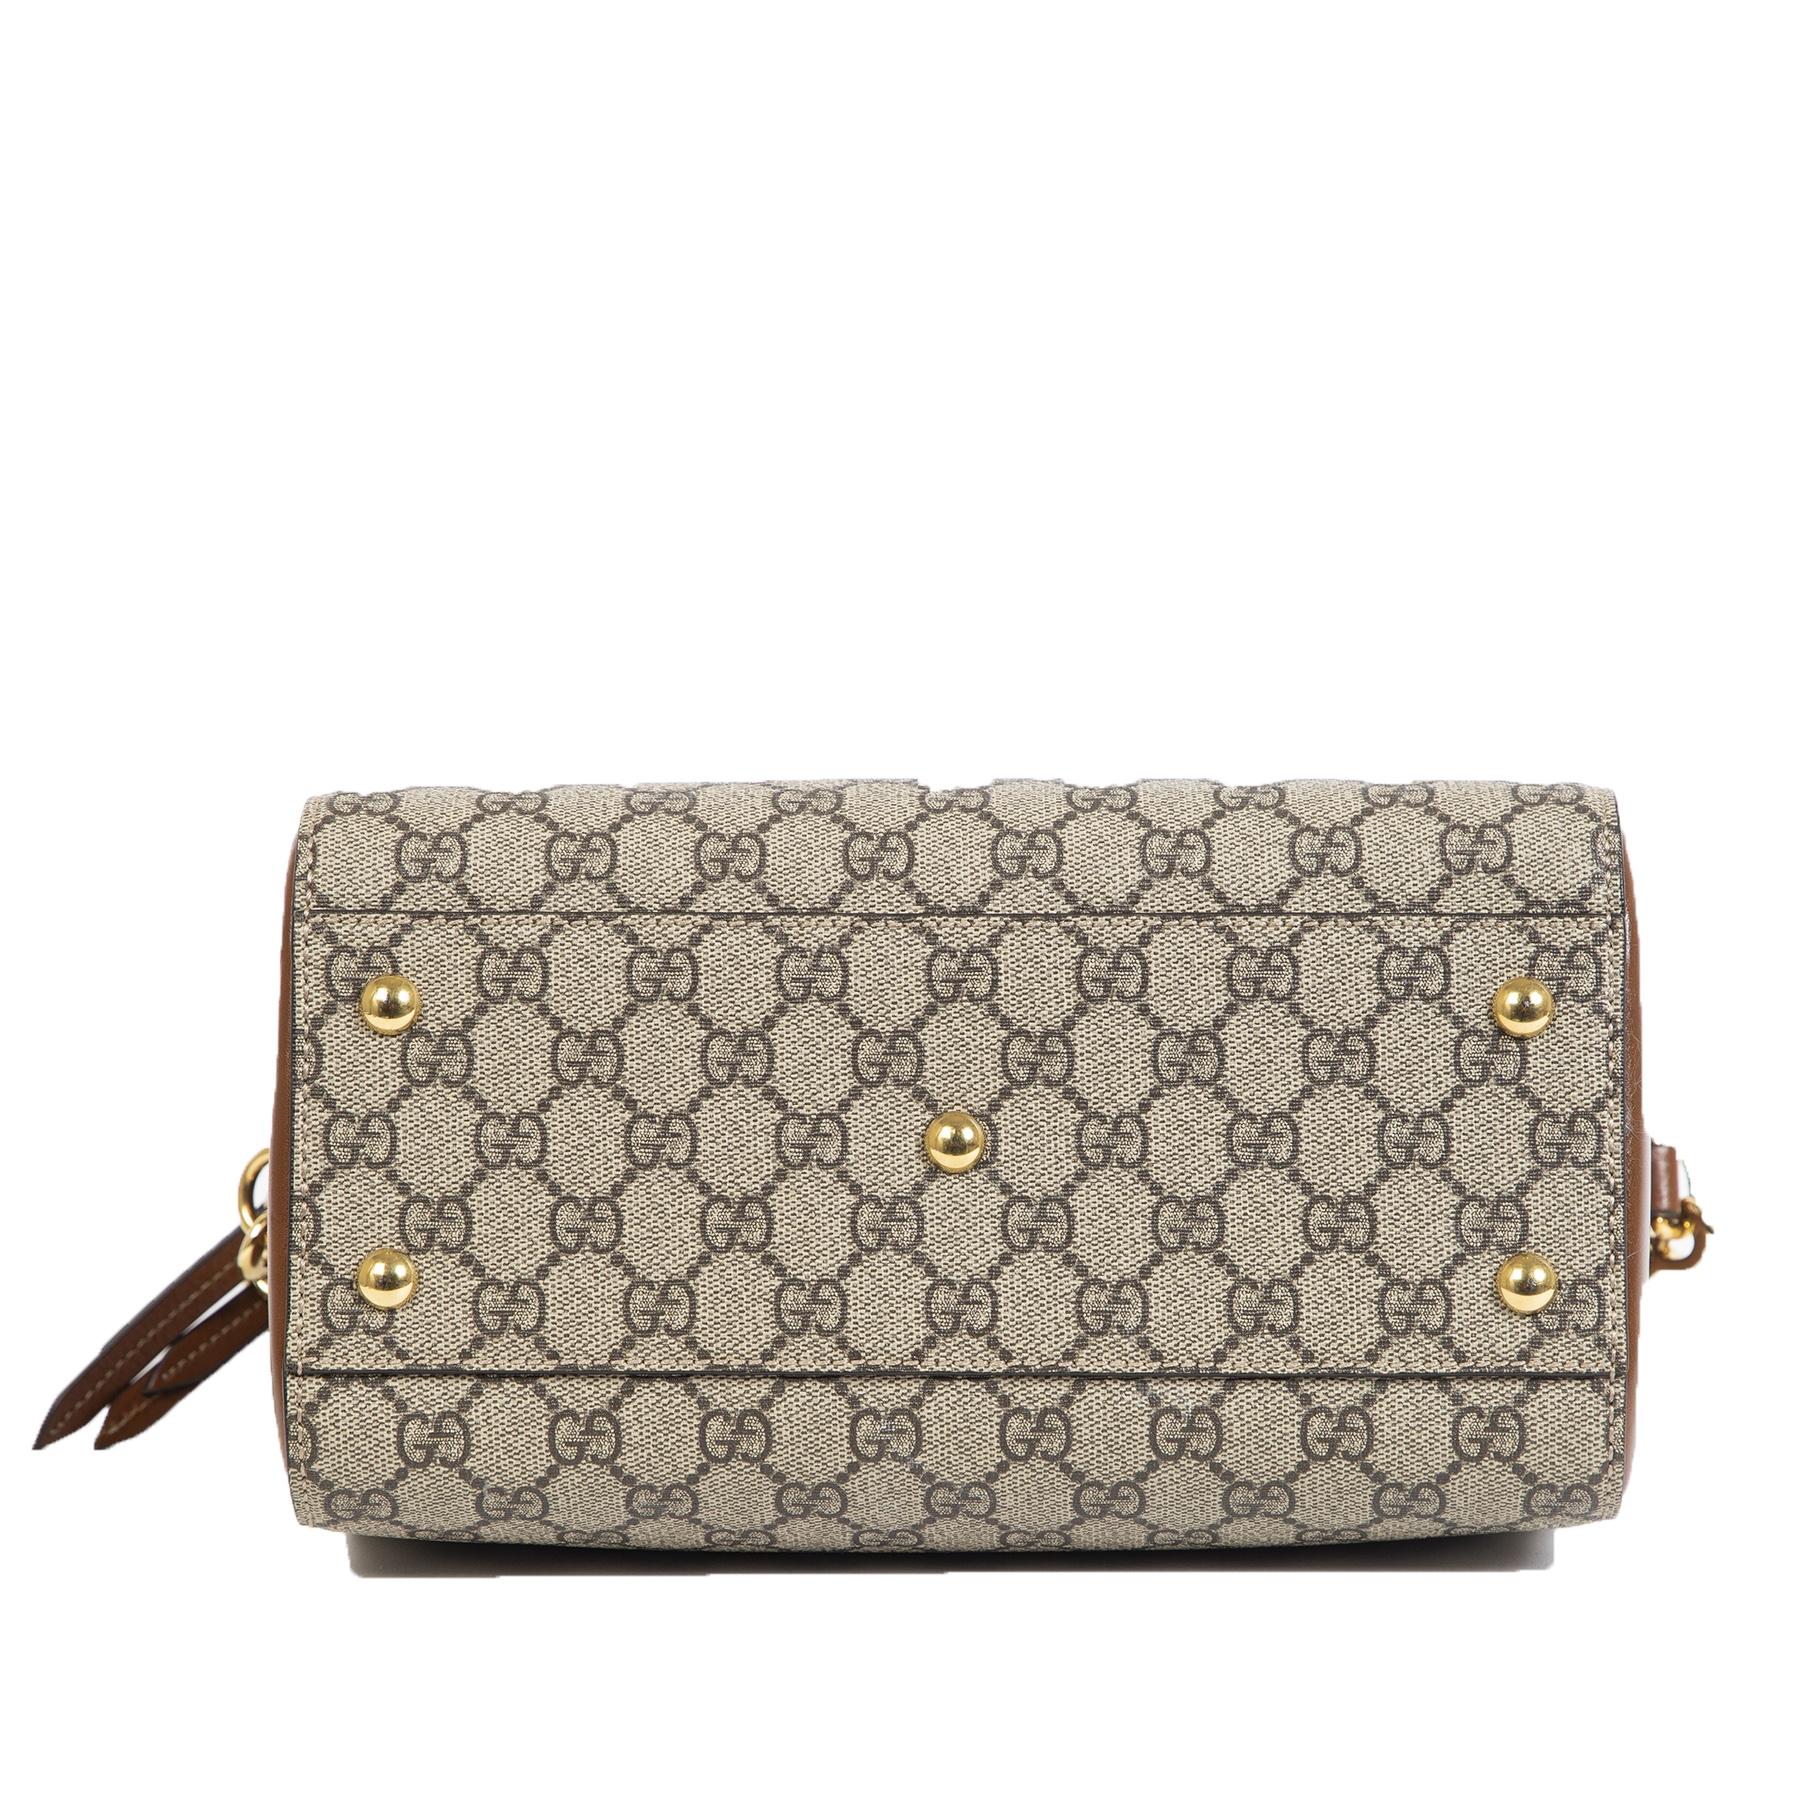 Gucci Small GG Supreme Boston Brown Bag